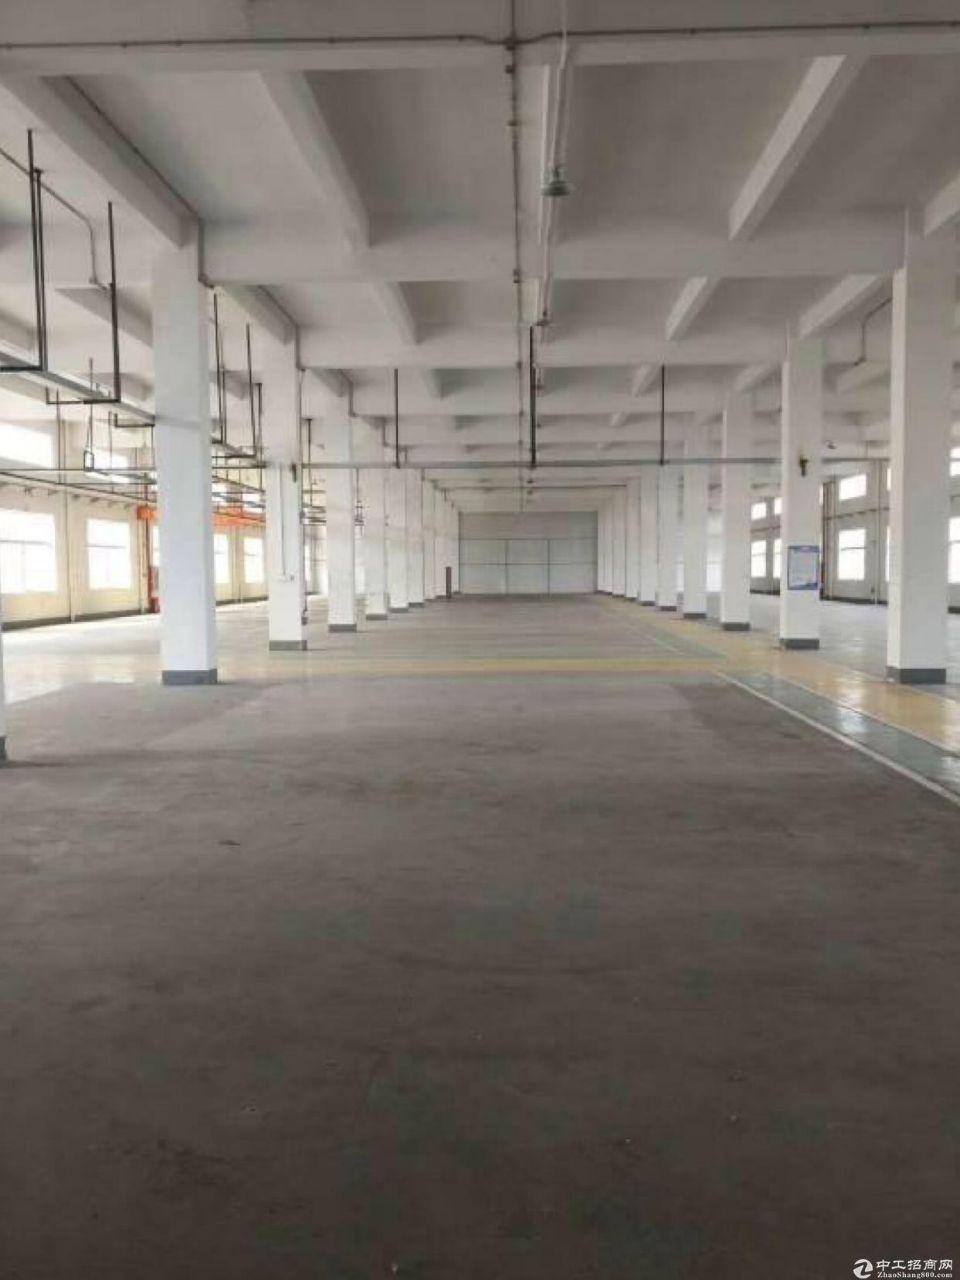 黄埔区独门独院护林路标准1楼仓库2800方超大空地出租。